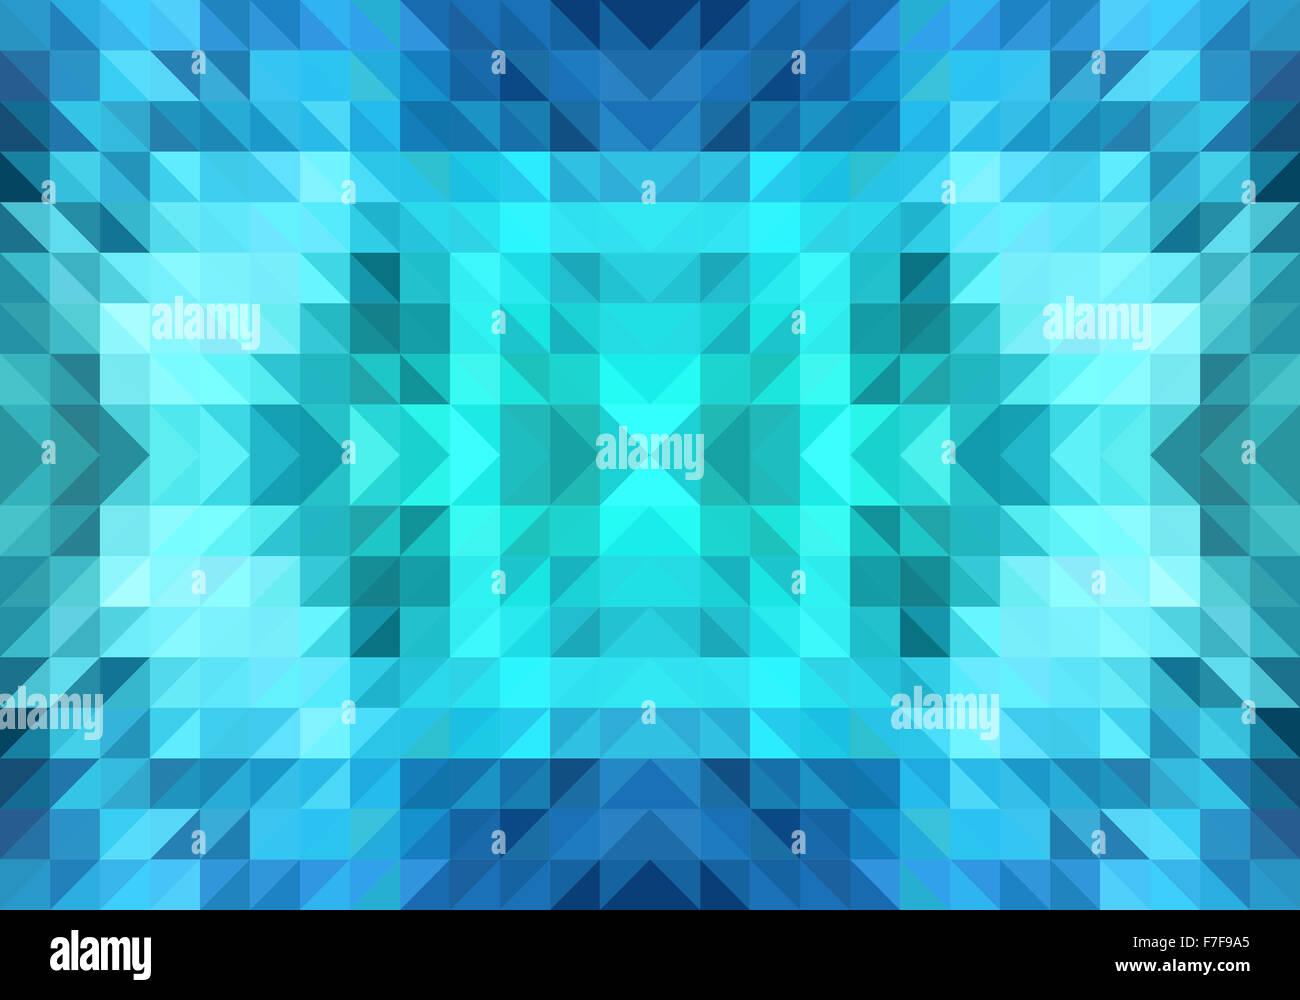 Geometrica astratta triangolo blu pattern, seamless sfondo vettoriale Immagini Stock